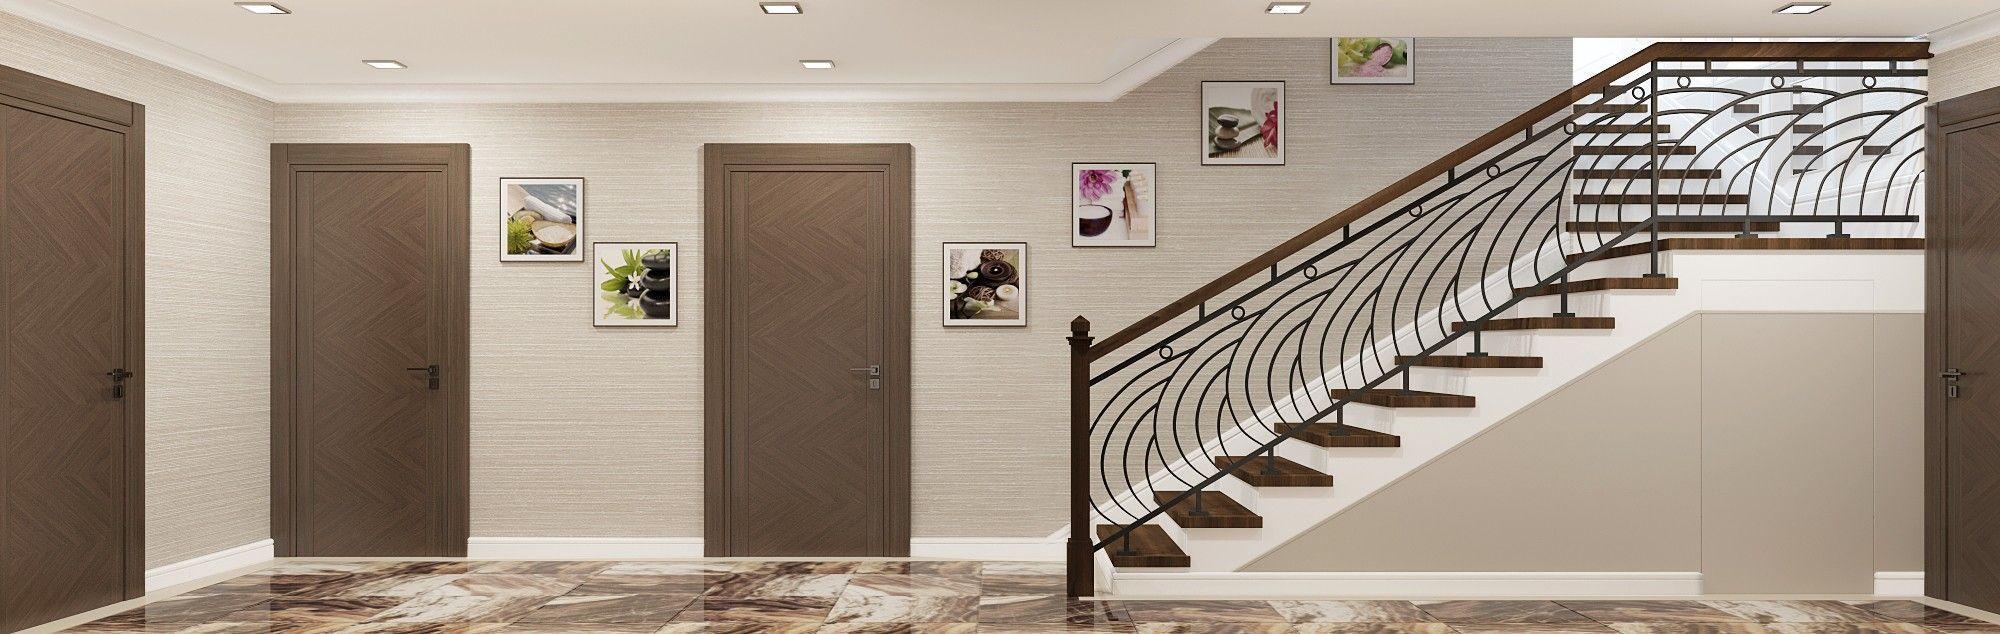 Холл подвального этажа. Дизайн интерьера дома.